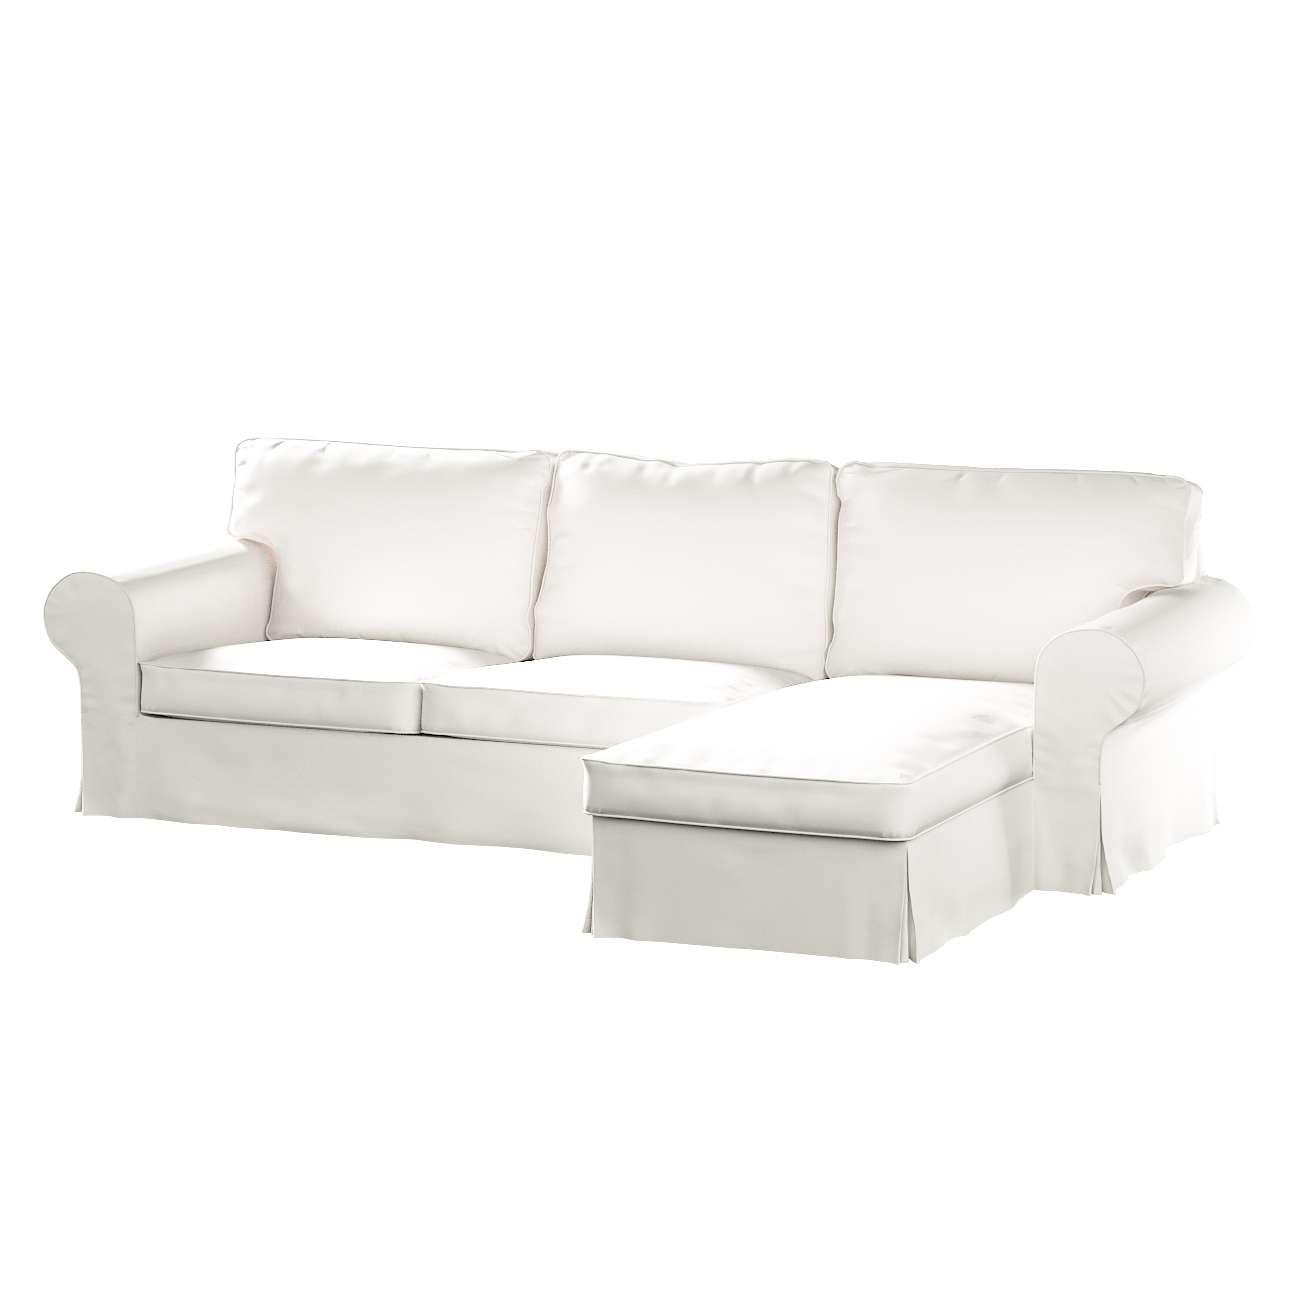 Ektorp dvivietės sofos su gulimuoju krėslu užvalkalas Ikea Ektorp dvivietės sofos su gulimuoju krėslu užvalkalas kolekcijoje Cotton Panama, audinys: 702-34